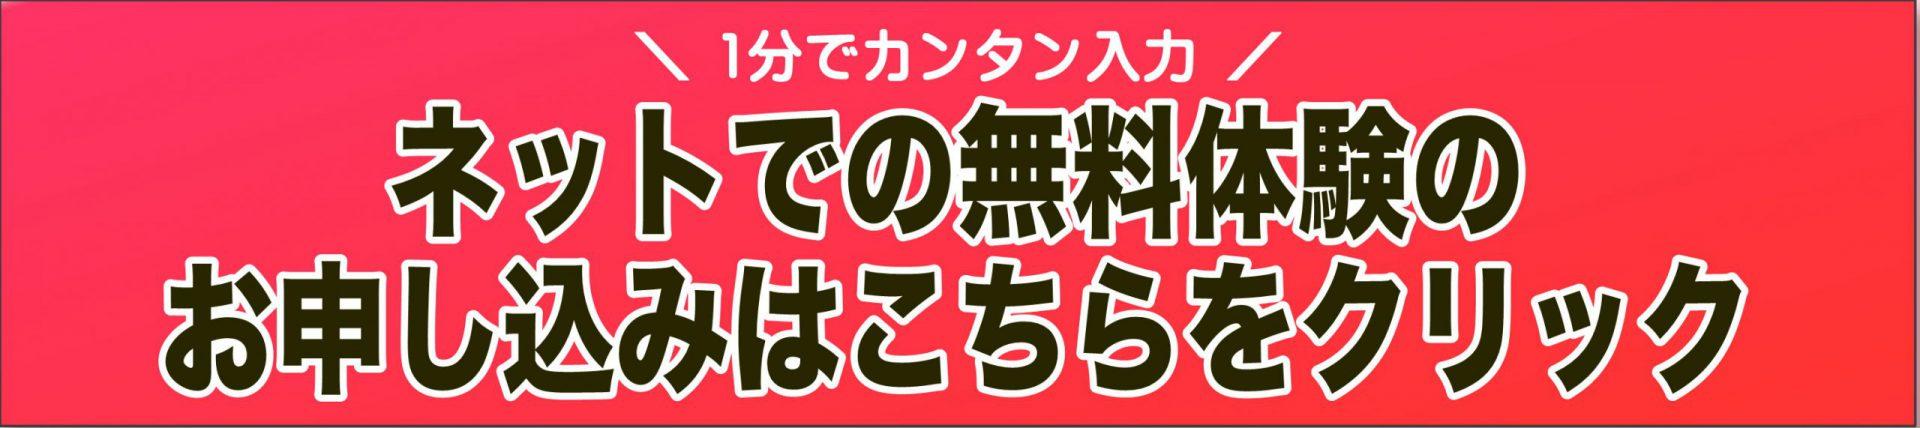 桐生市の個別指導塾